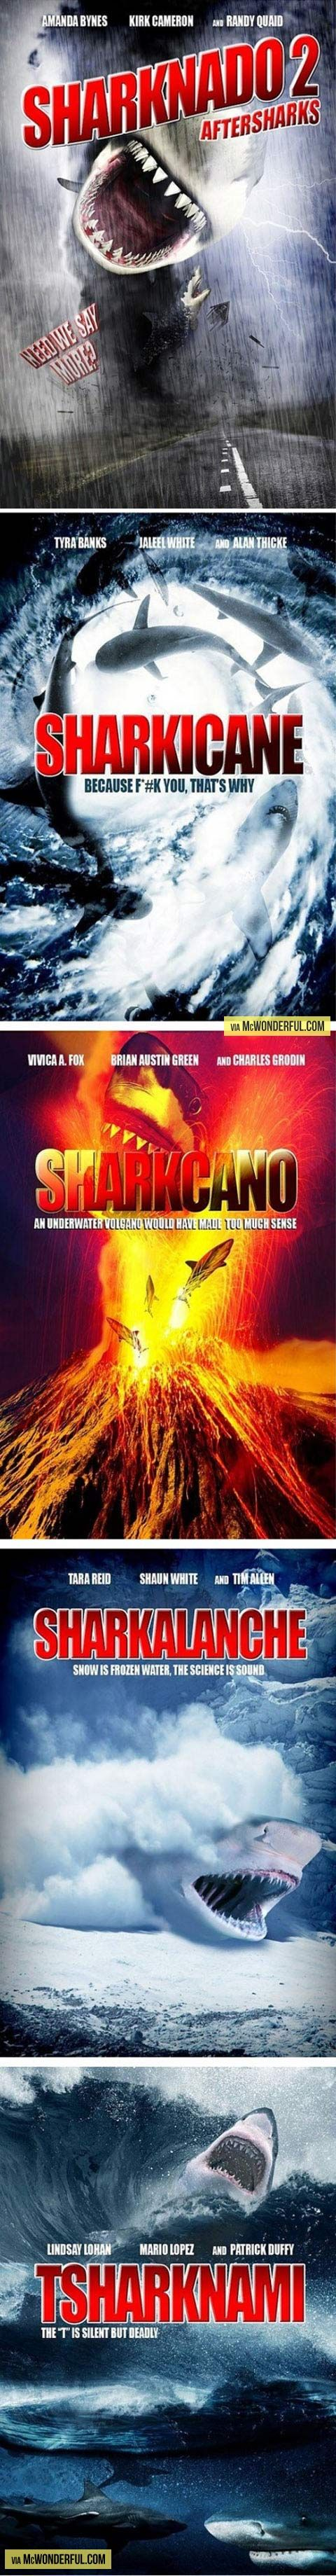 funny-Shark-poster-secuel-movies-Sharknado